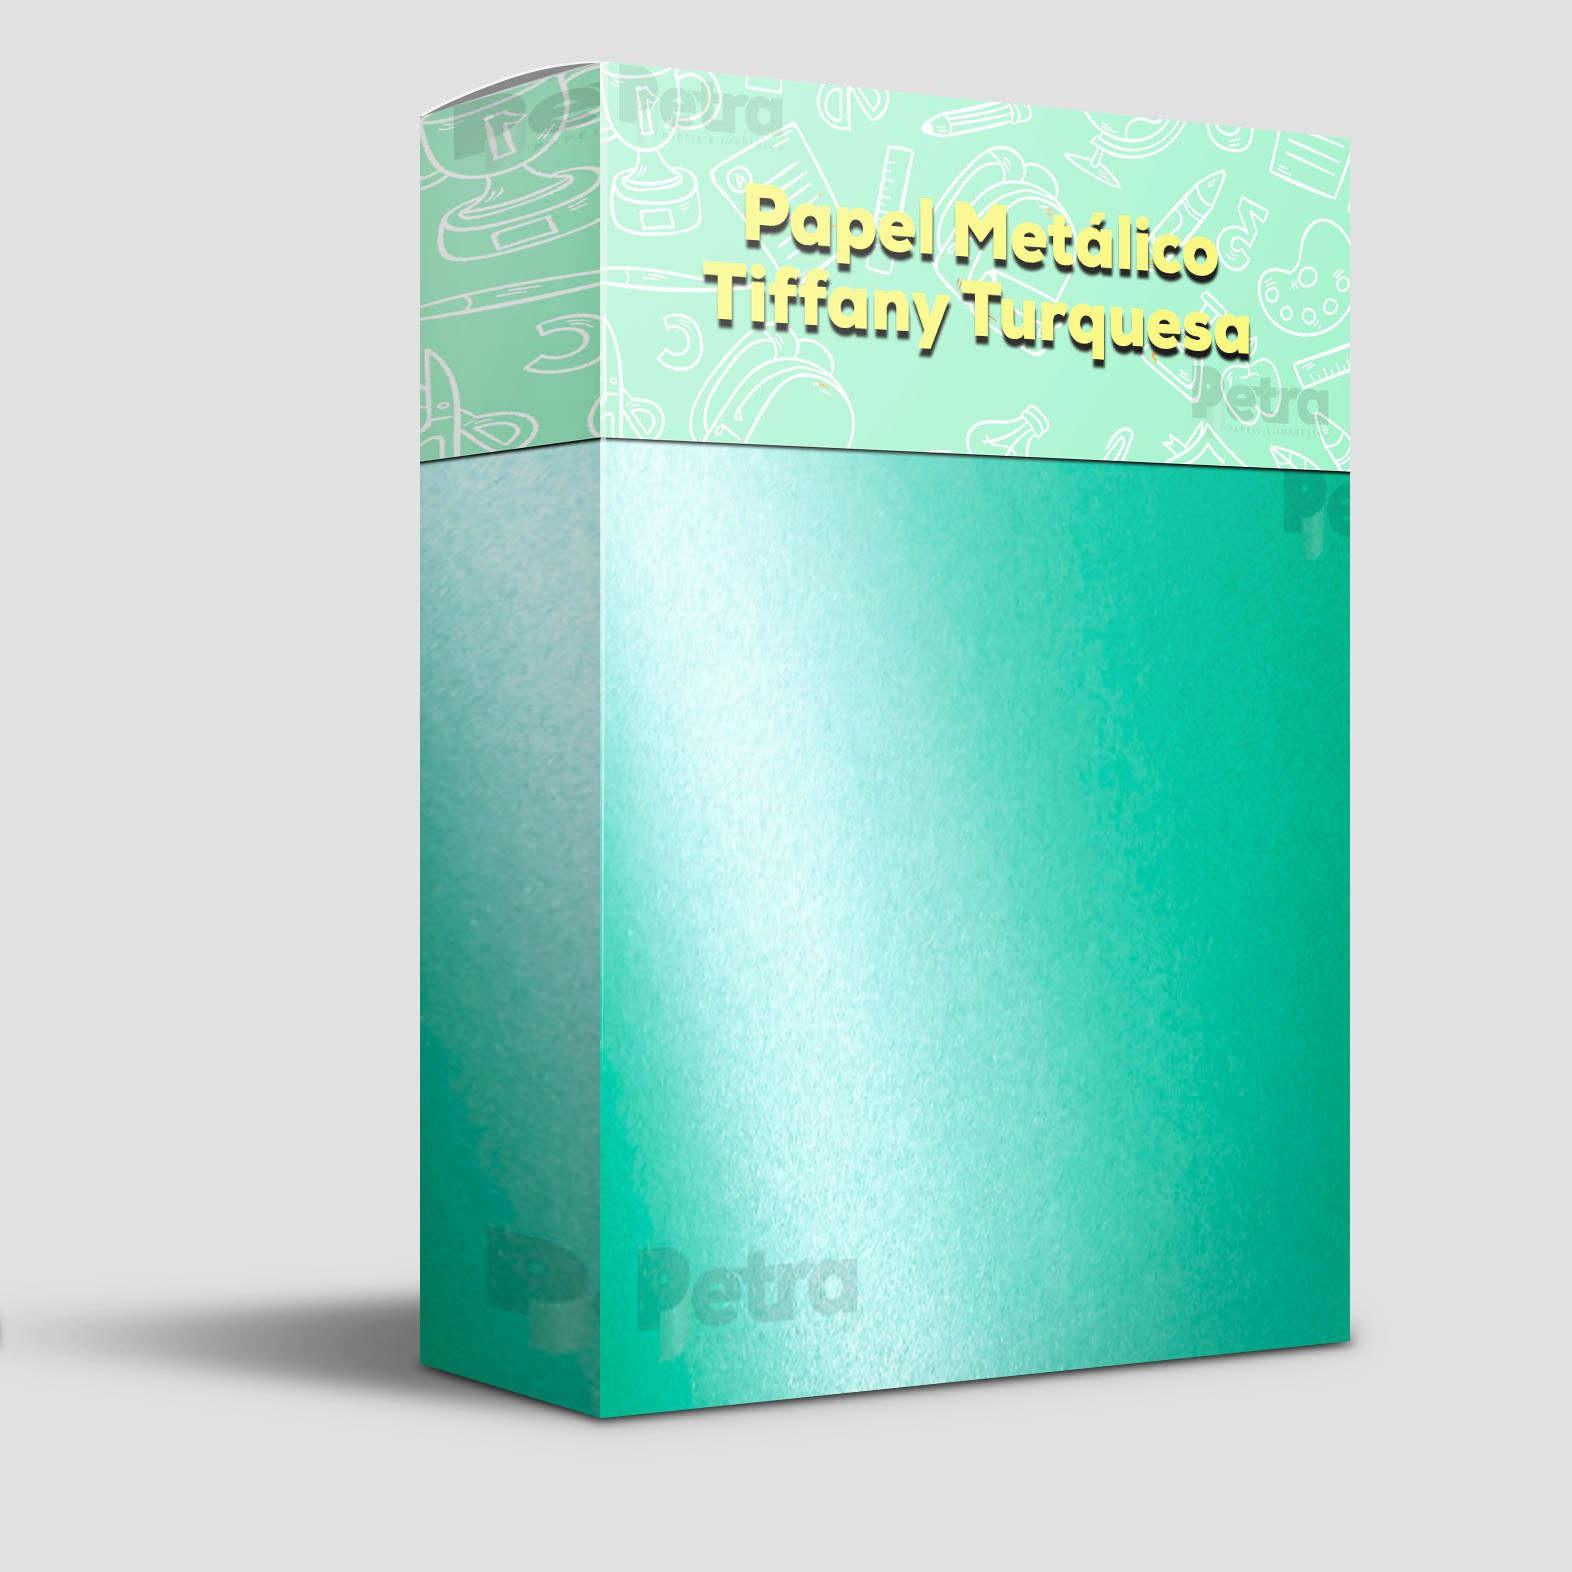 Papel Tiffany Turquesa Tam: A4 180g/m² com 20 folhas